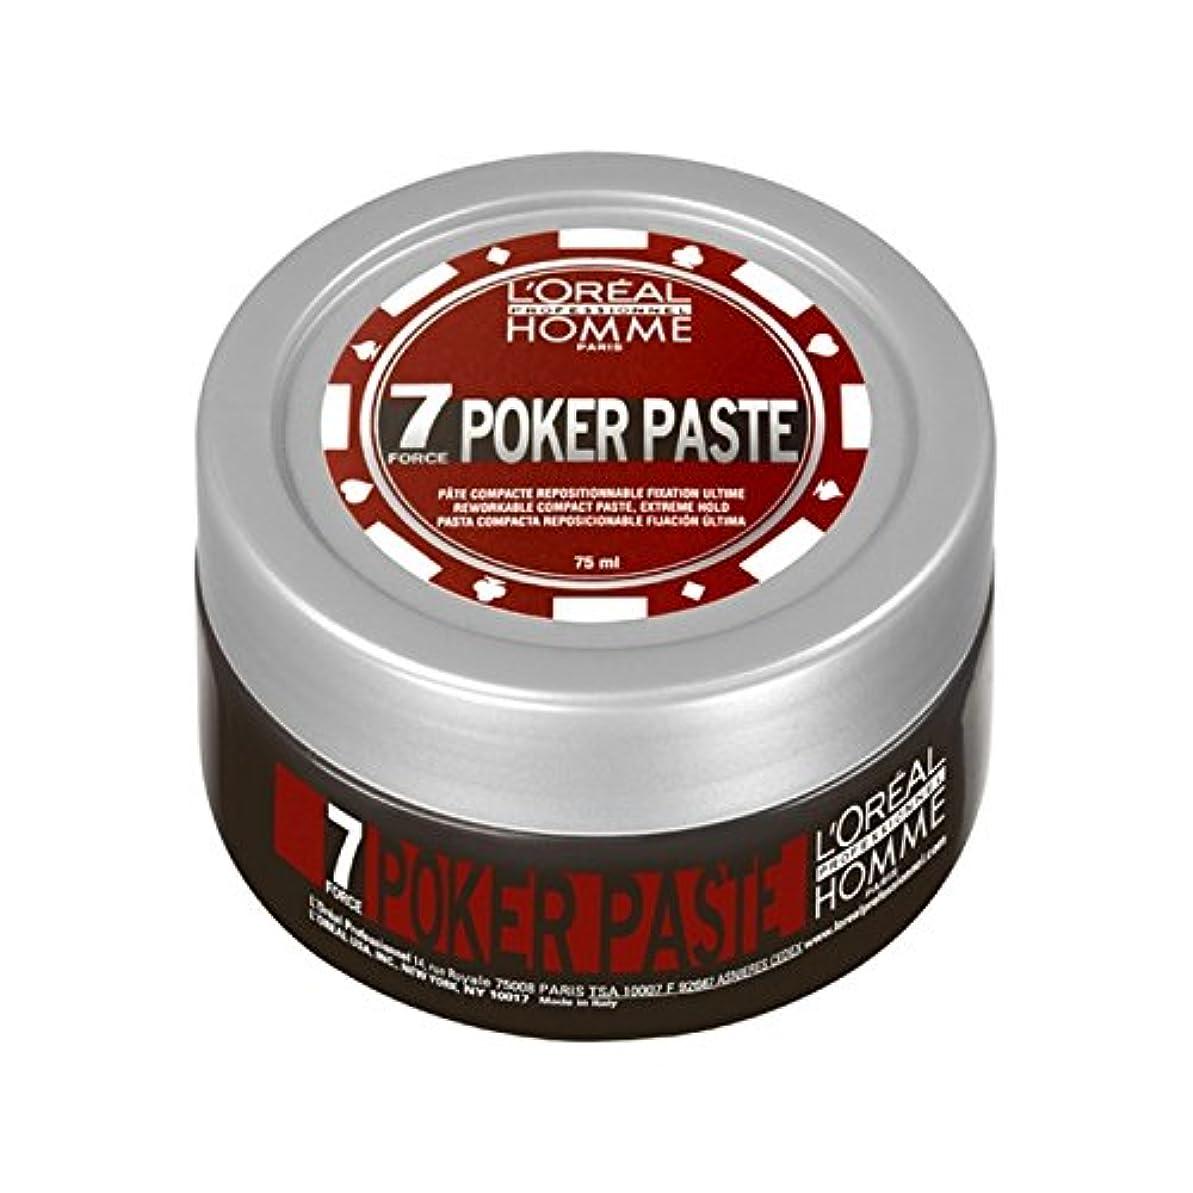 不変ネックレットアプライアンスロレアルプロオムポーカーペースト(75ミリリットル) x4 - L'Oreal Professional Homme Poker Paste (75ml) (Pack of 4) [並行輸入品]